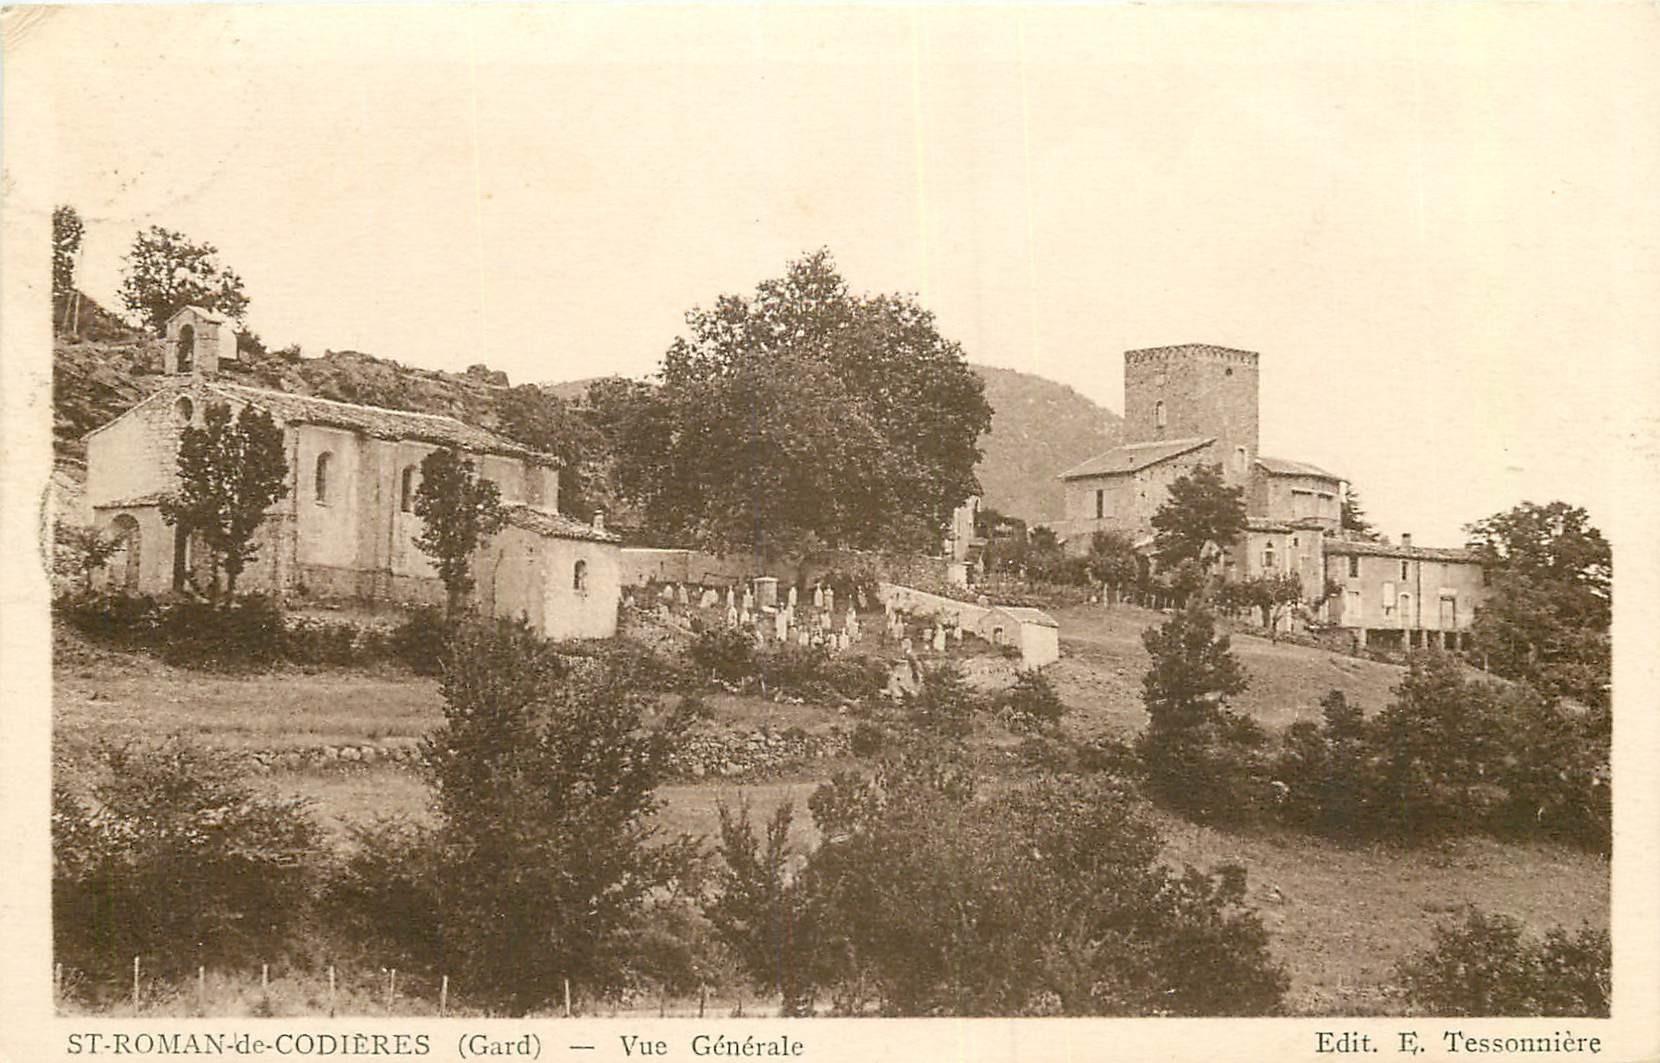 WW 30 SAINT-ROMAN-DE-CODIERES. Village, Eglise et Cimetière 1938